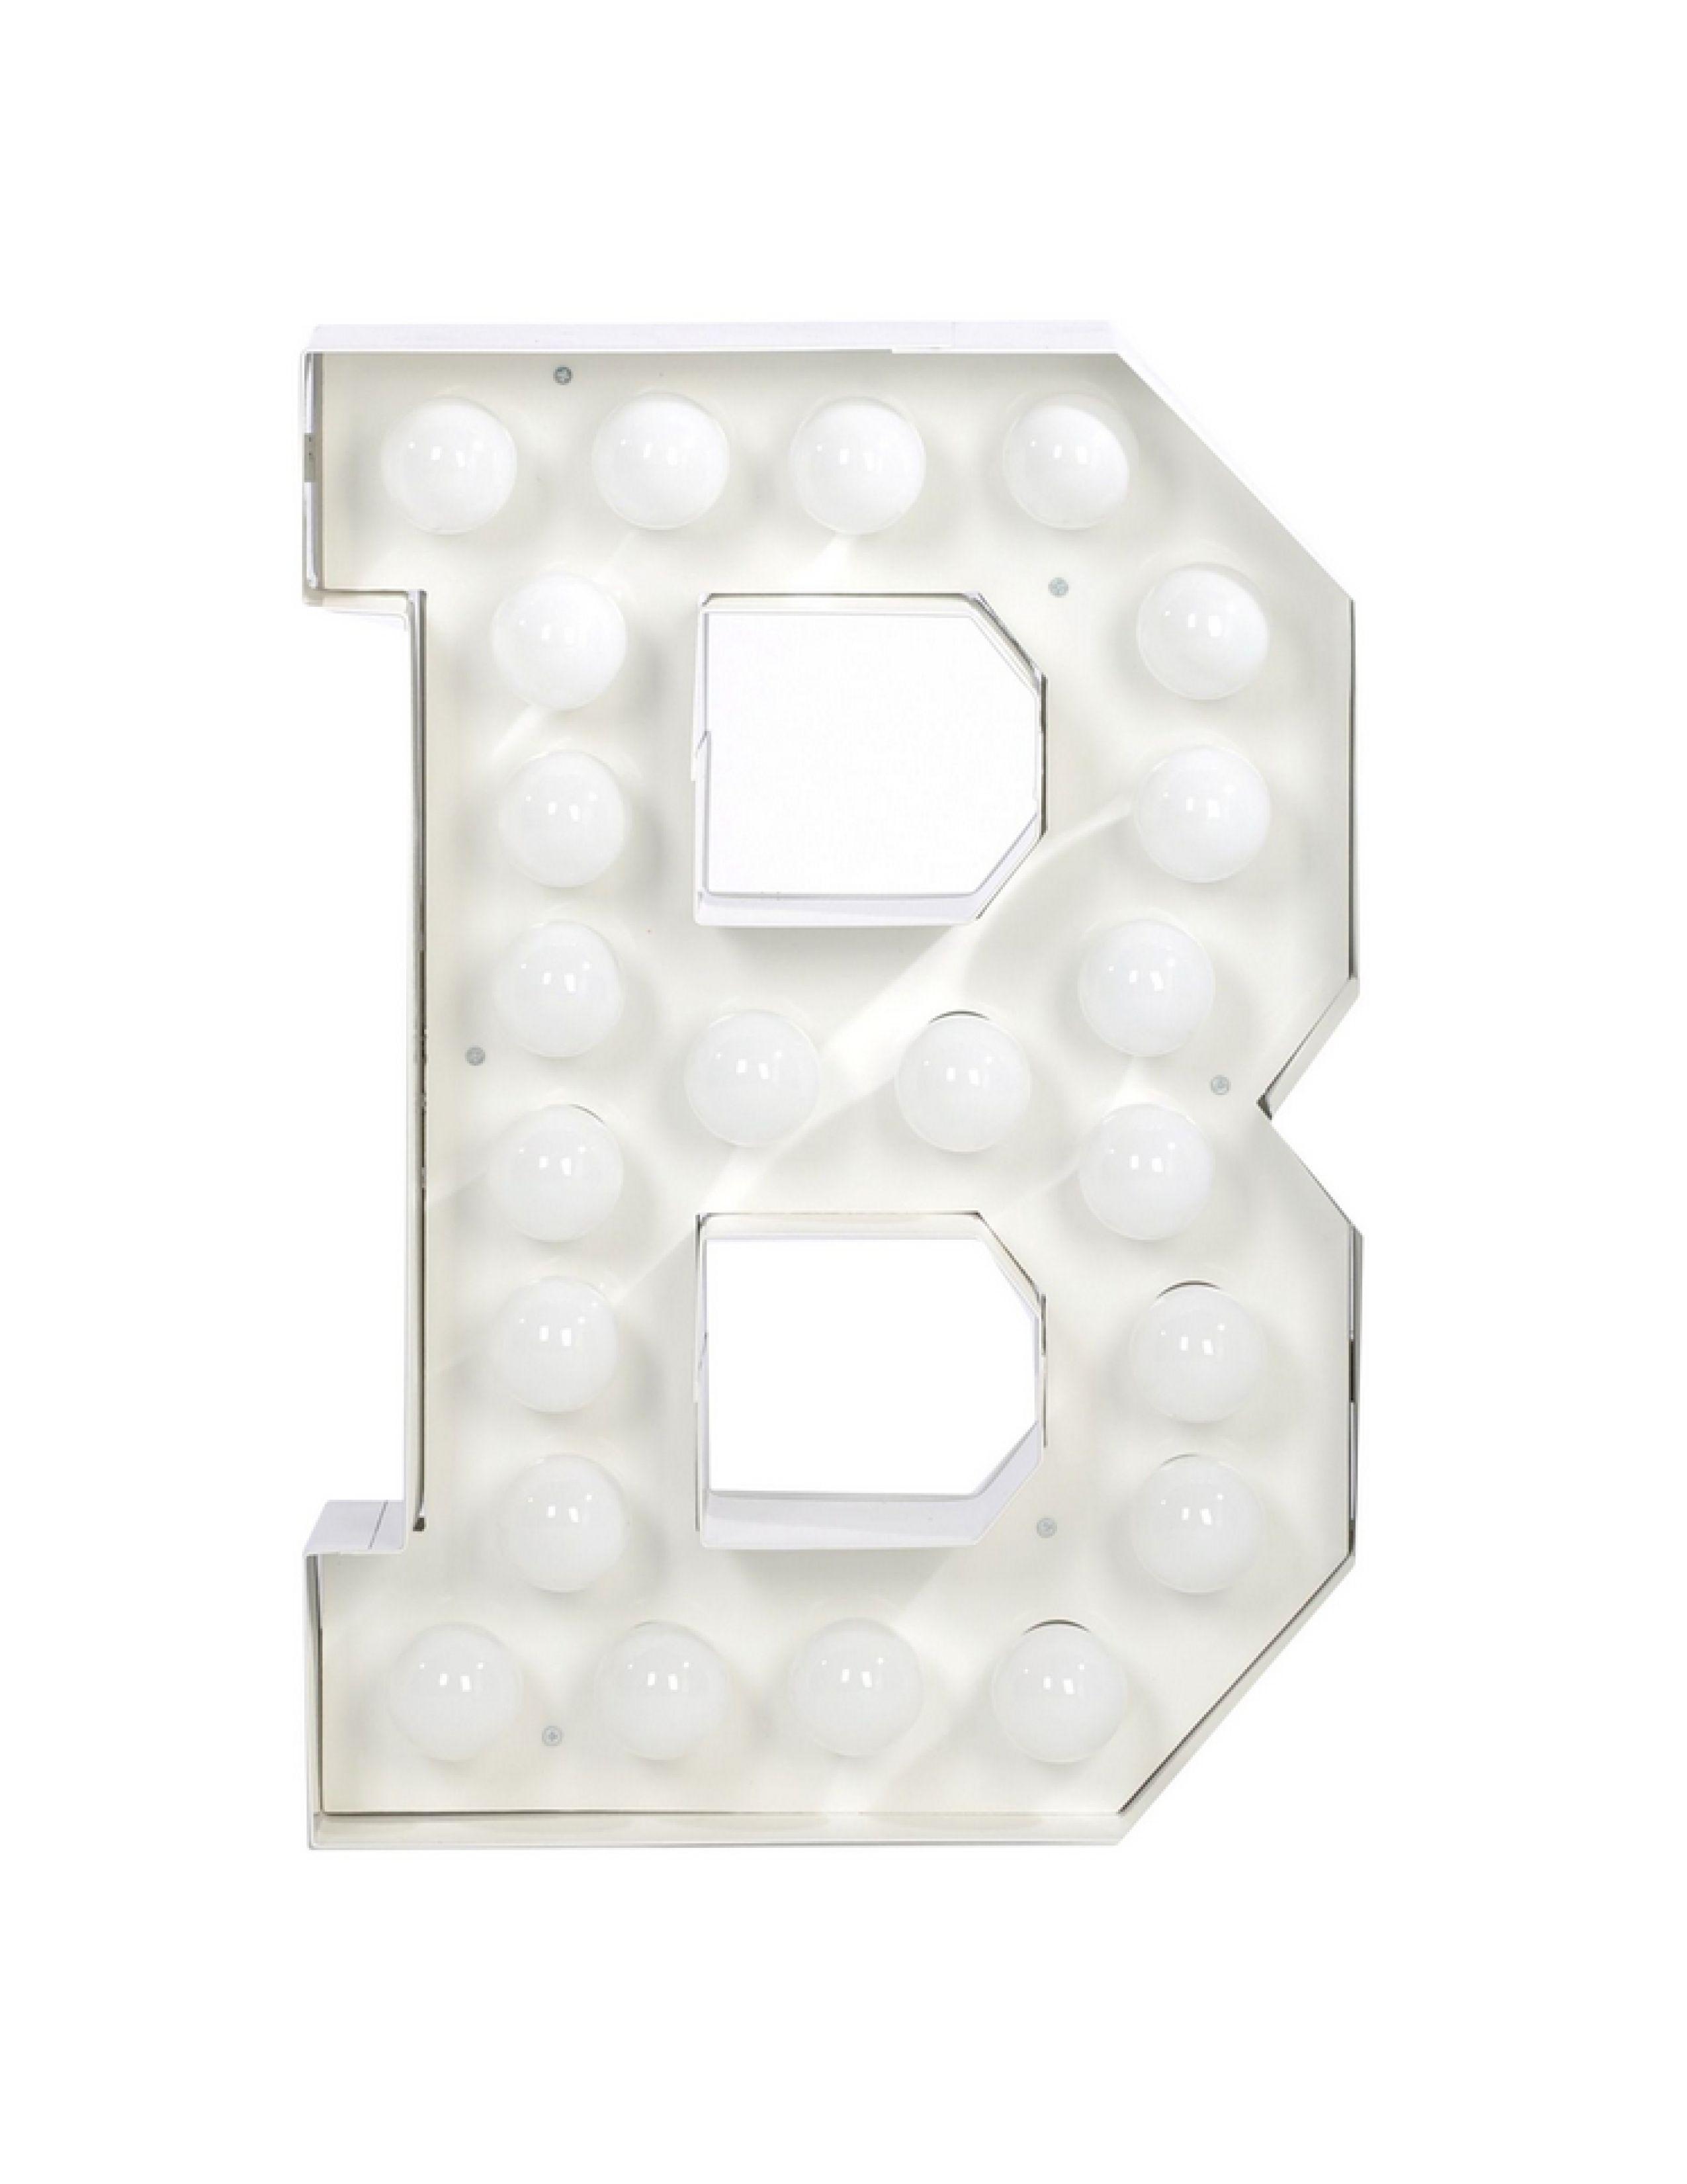 Seletti VEGAZ LED verlichting B